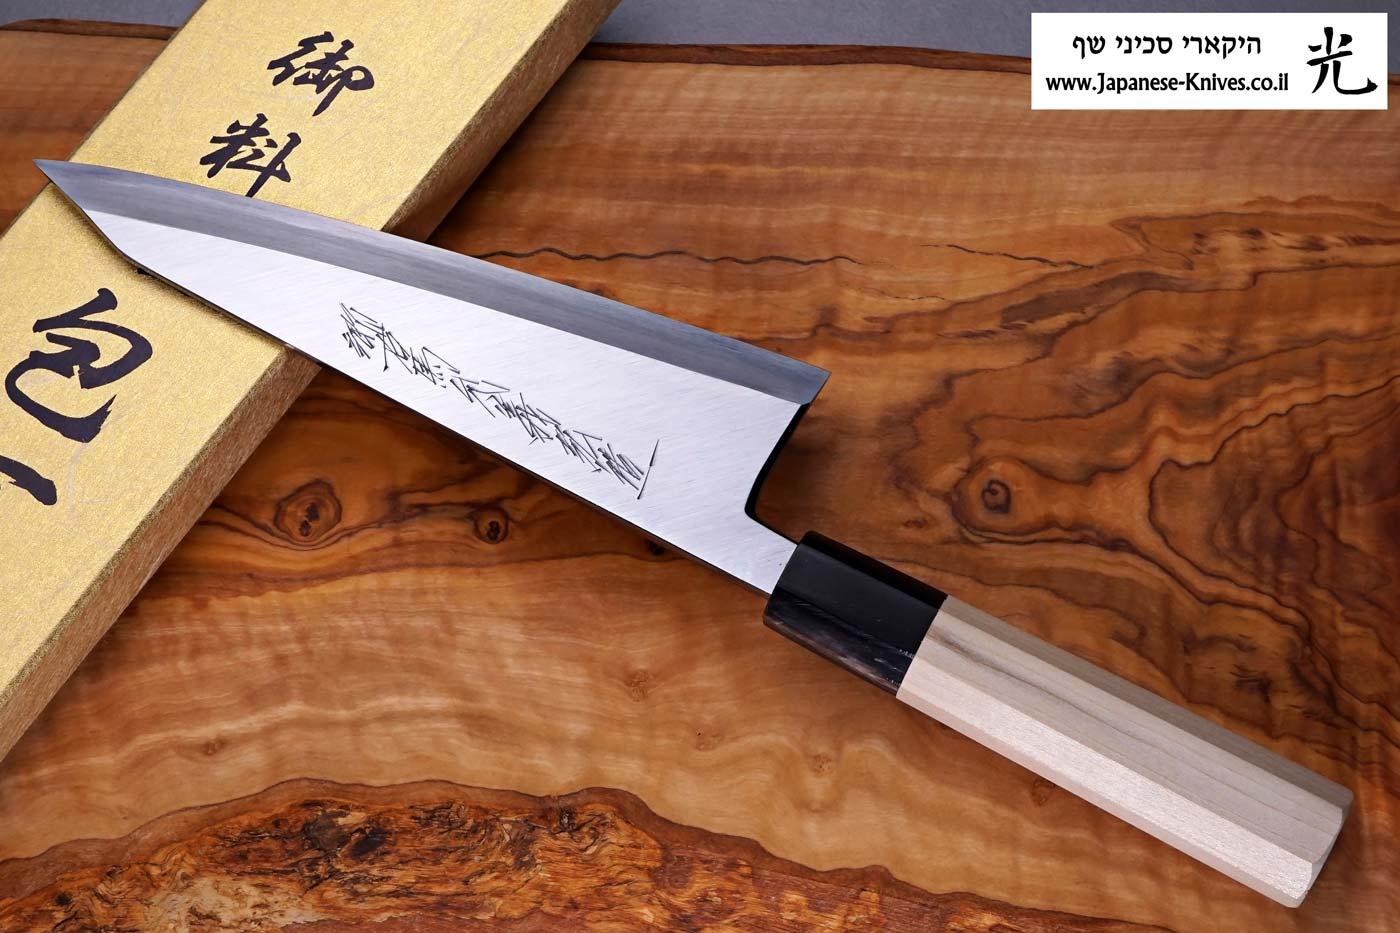 """סכין פירוק בשר (גאראסוקי) יאמאוואקי 180מ""""מ Aogami#2"""